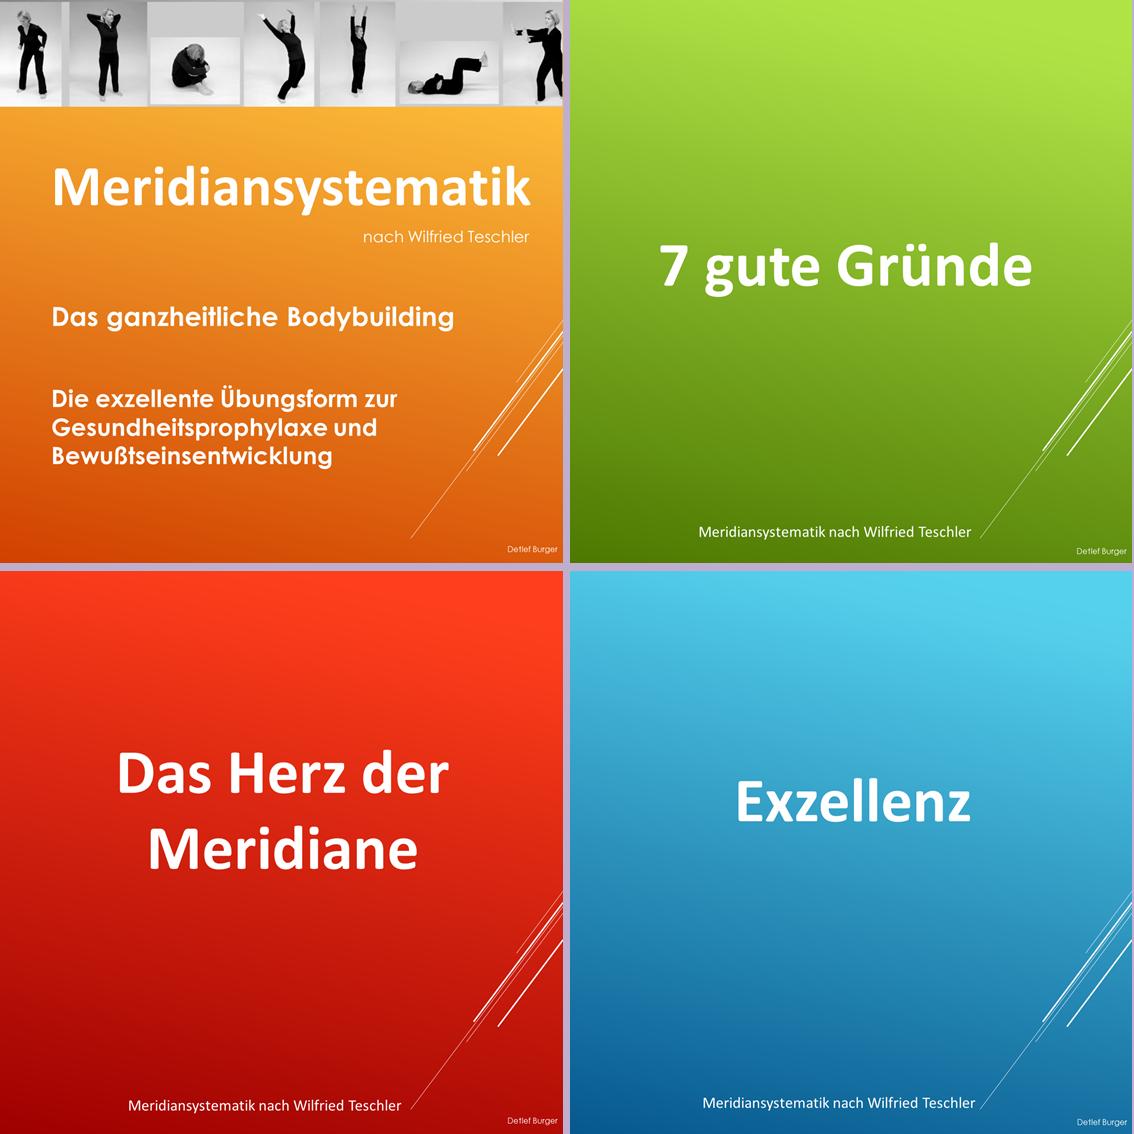 Meridiansystematik auf Instagram